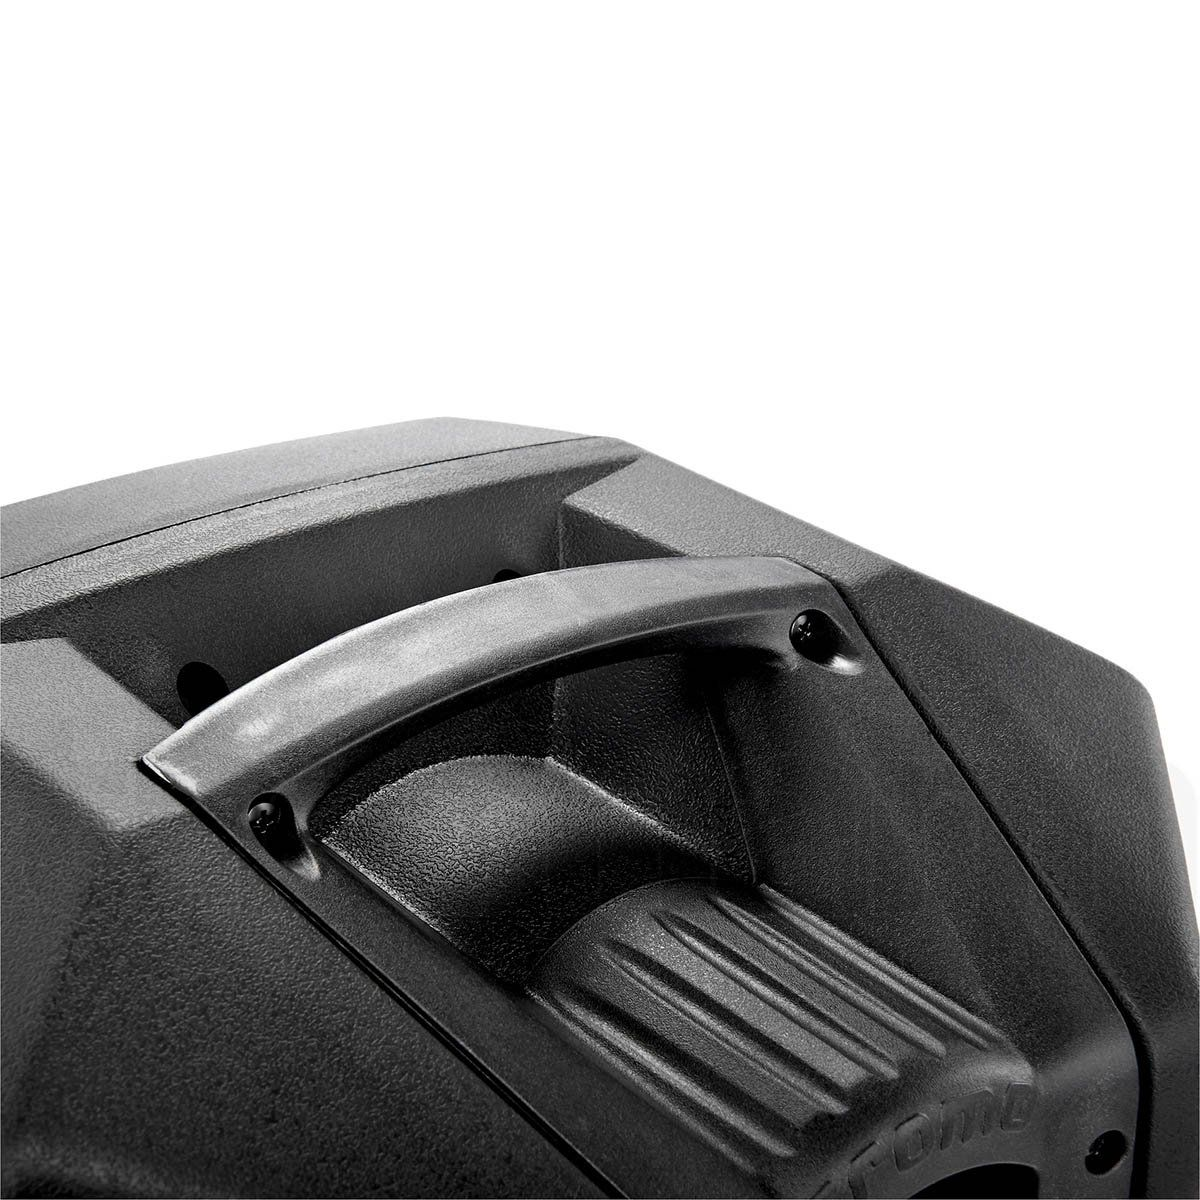 dB Technologies Cromo 12 Acústica Ativa Caixa de Som para Ao Vivo e Playback - Usado